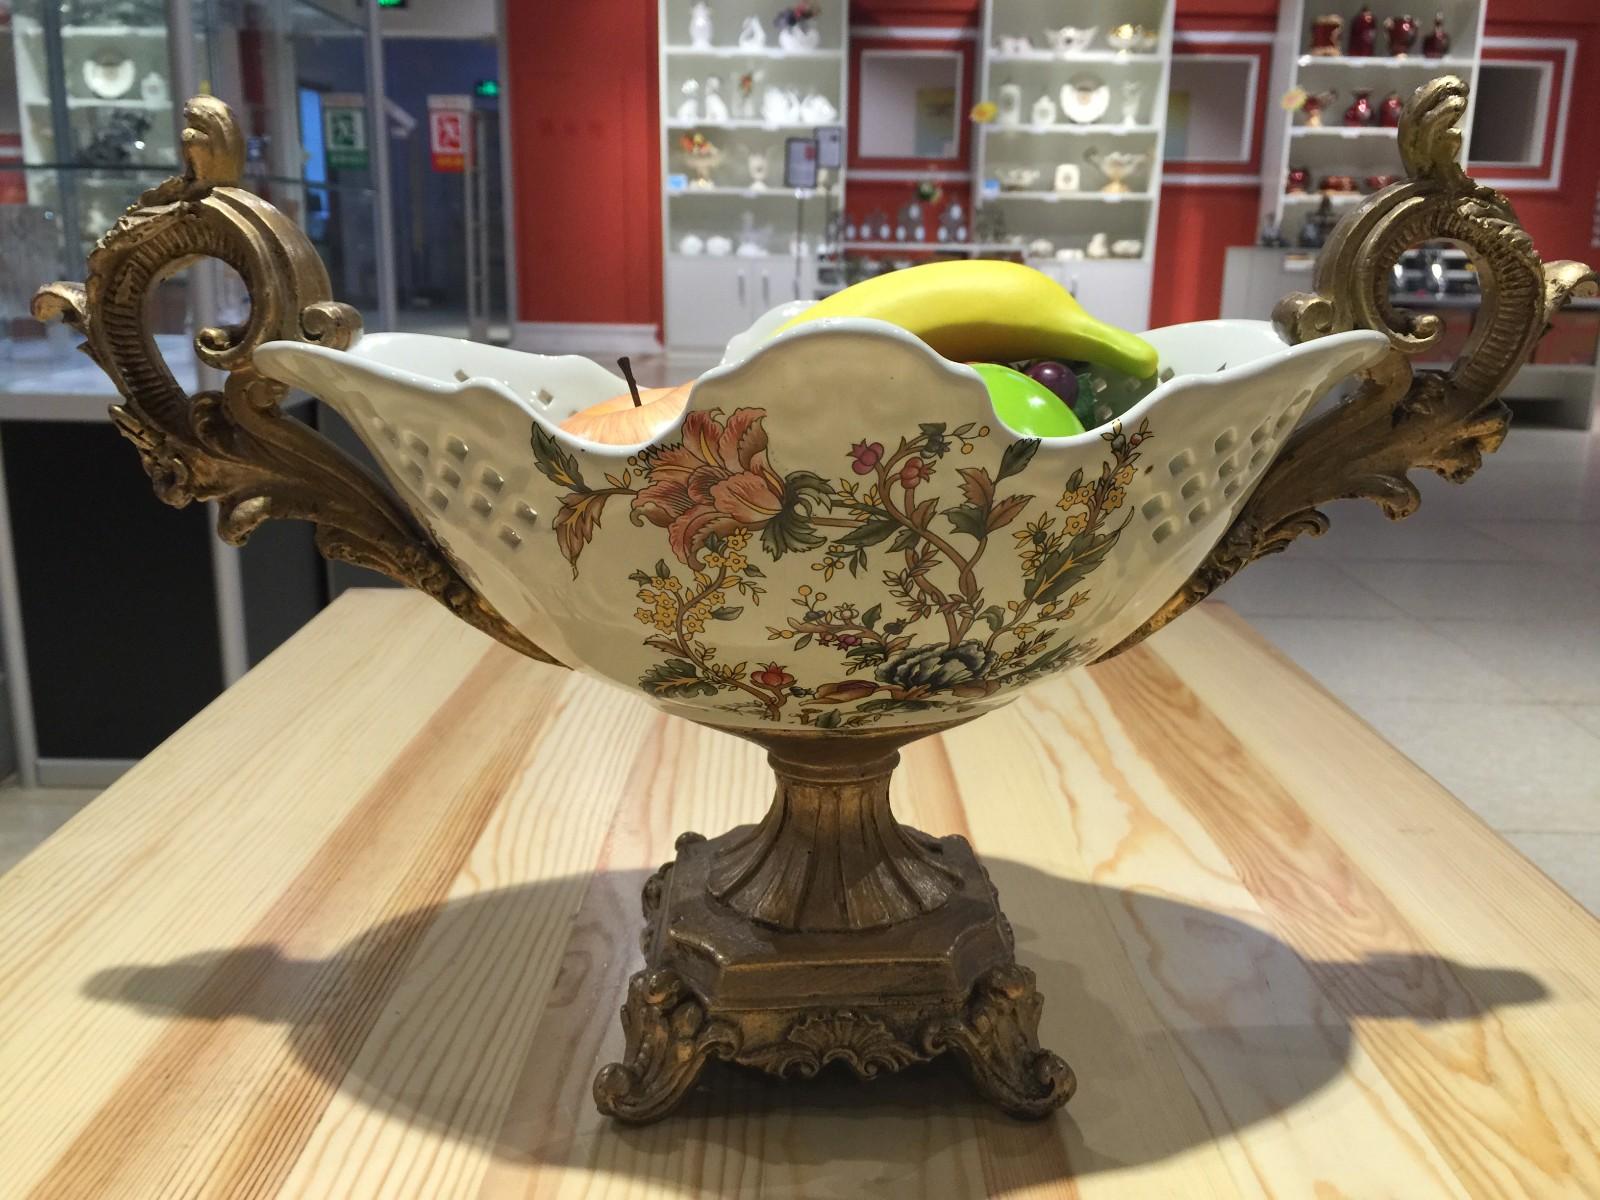 俄罗斯 陶瓷 工艺品 手工摆件 家居装饰图片一